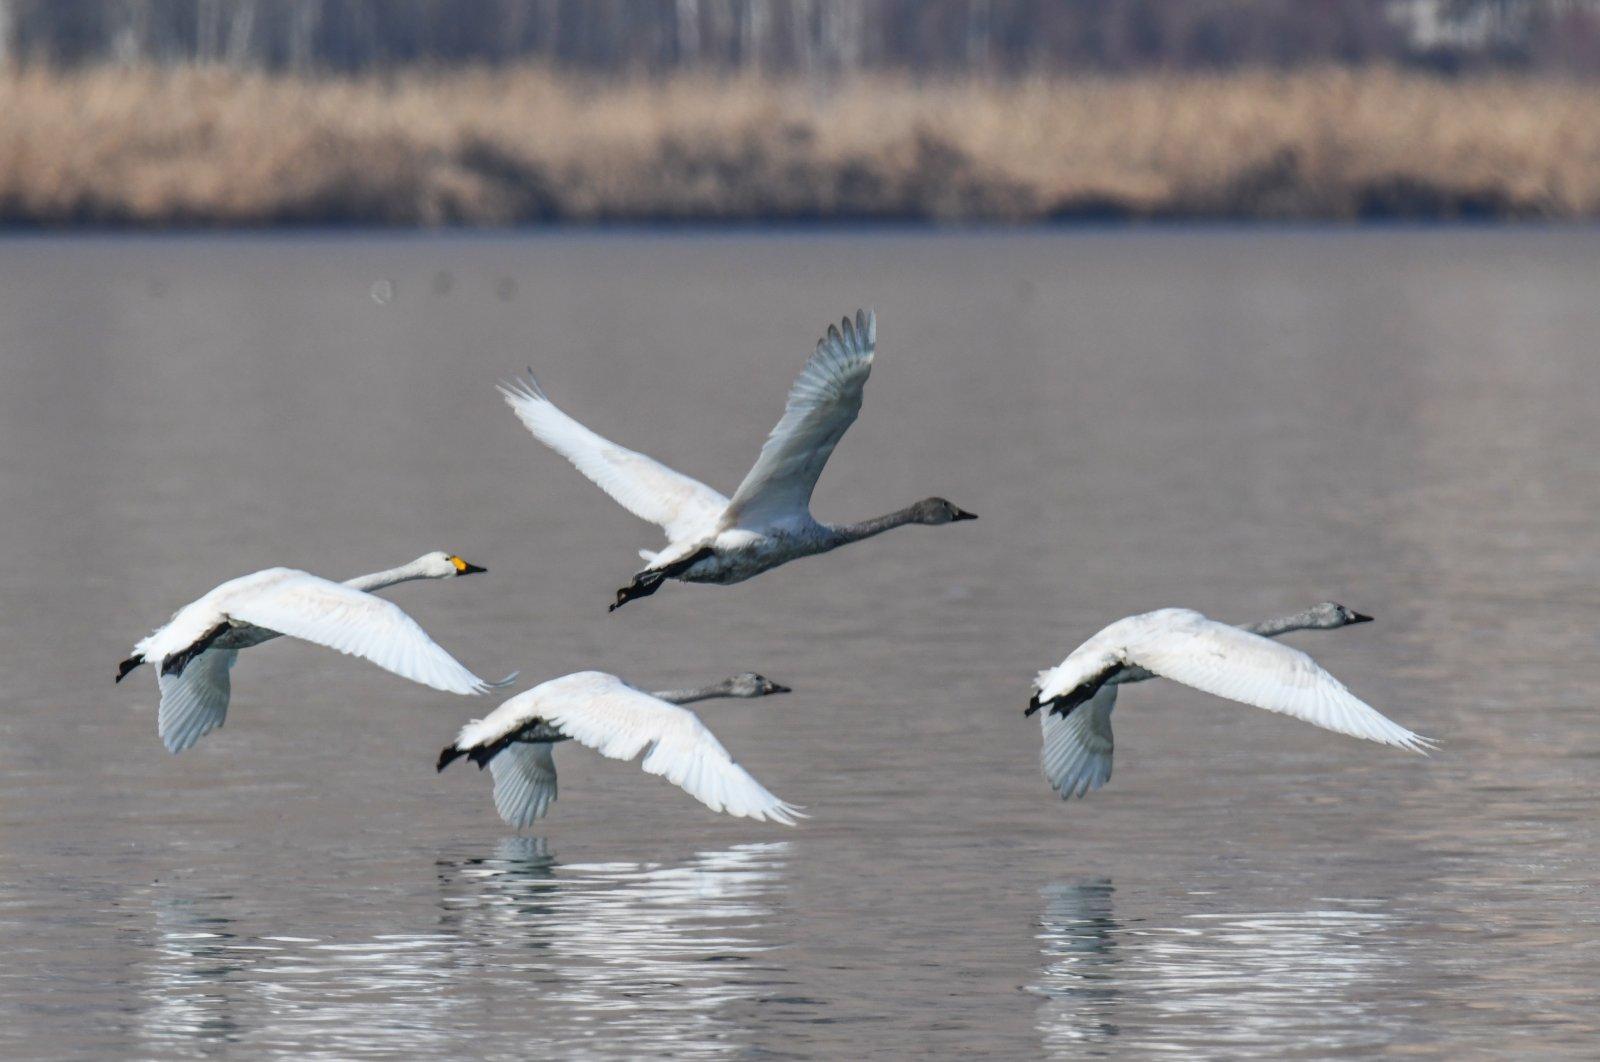 Whooper swans glide over the water of Lake Van, eastern Turkey, Jan. 19, 2021. (AA Photo)